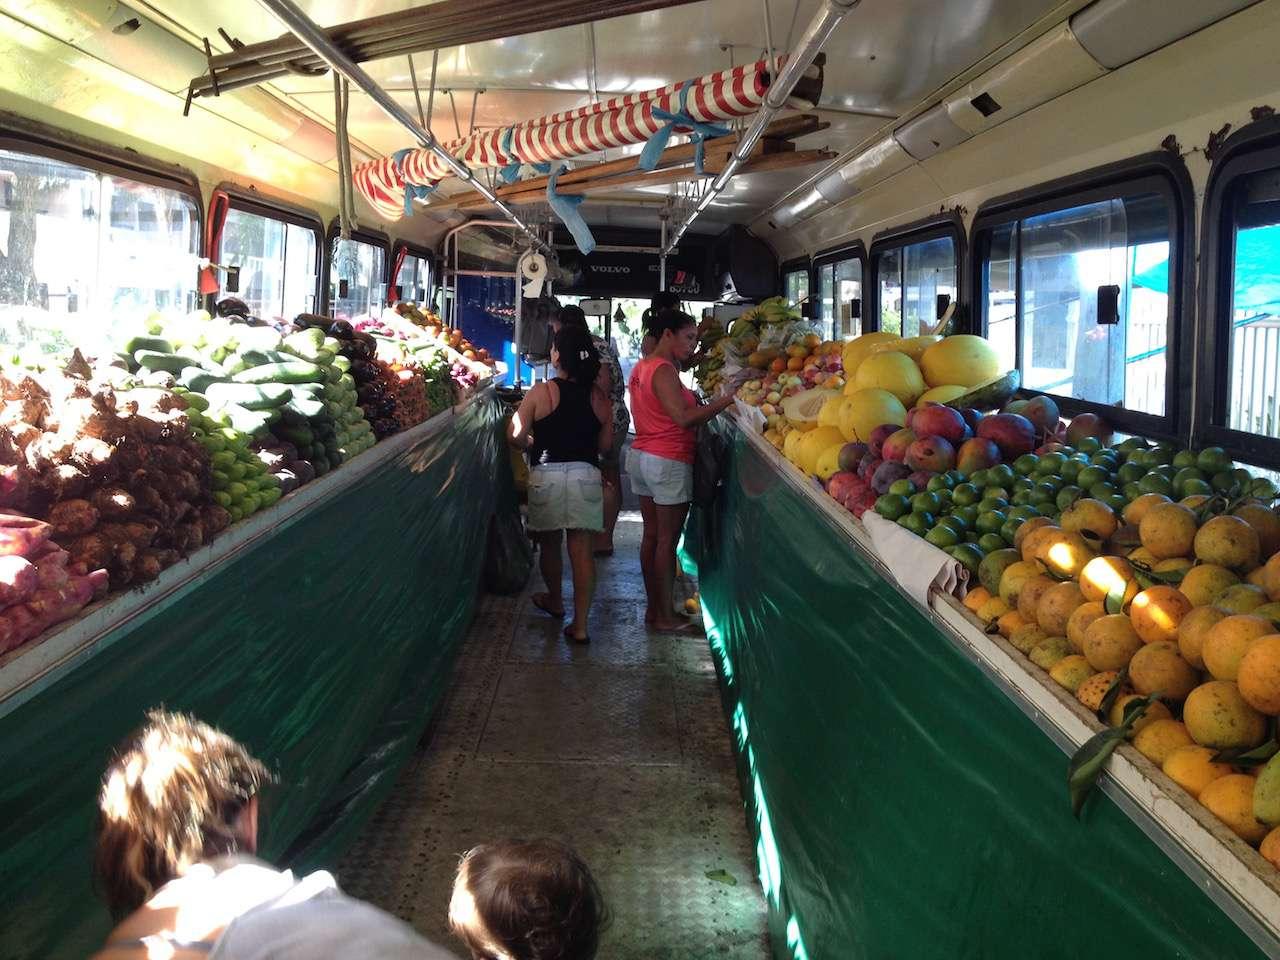 Fruit bus in Rio